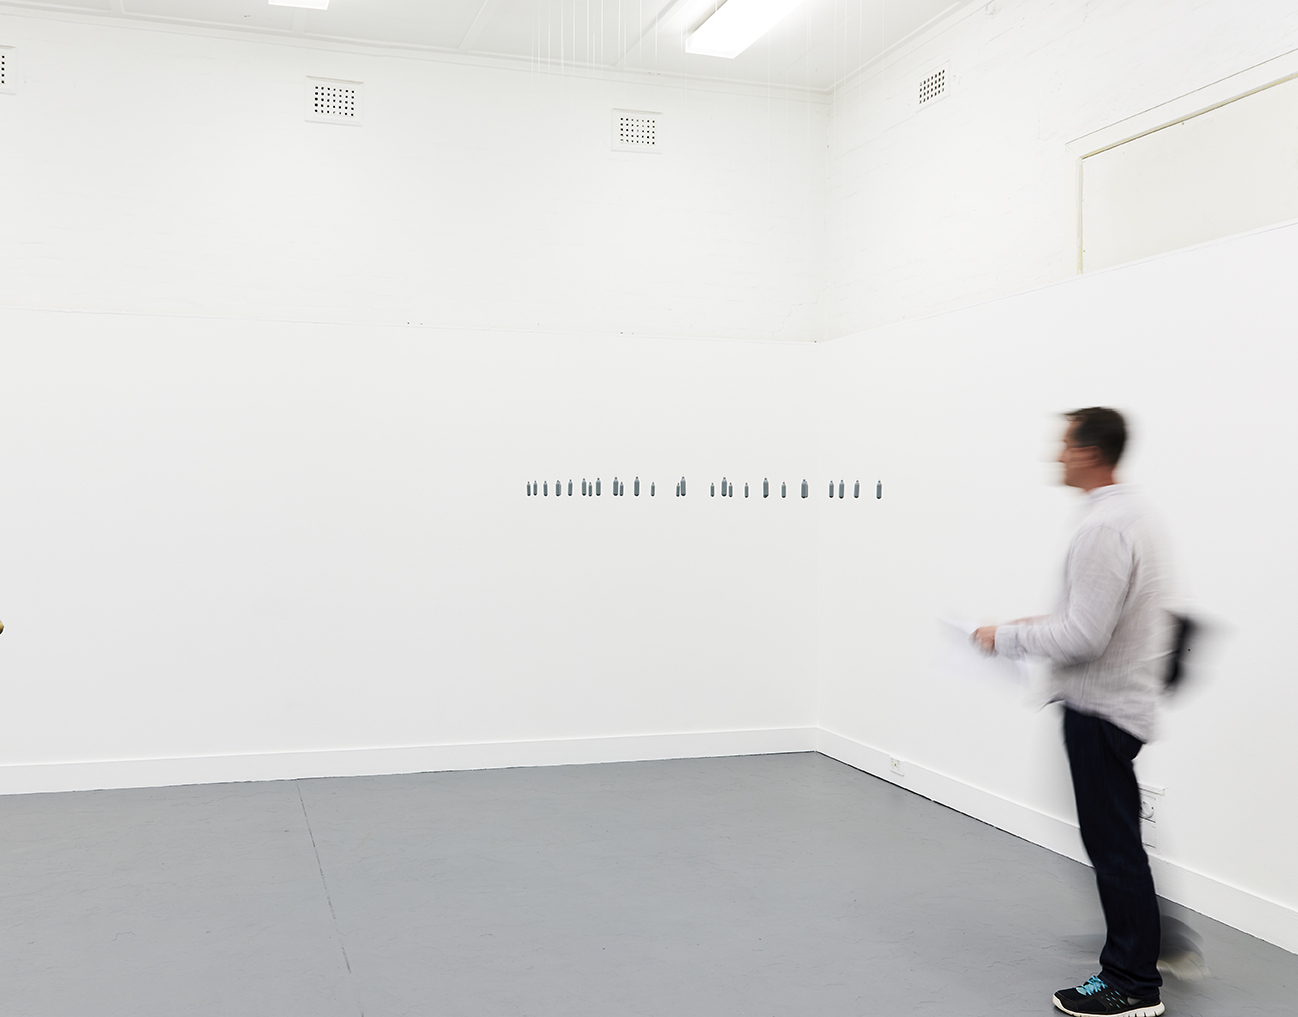 La fotografia mostra un uomo vestito con camicia bianca e pantaloni neri entrare in una stanza bianca quasi del tutto vuota all'infuori di alcuni caratteri neri che sembrano fluttuare in uno spigolo della stanza (al centro dell'immagine). La foto è leggermente mossa ed i contorni dell'uomo, nella parte destra dell'immagine sono sfumati ed indefiniti